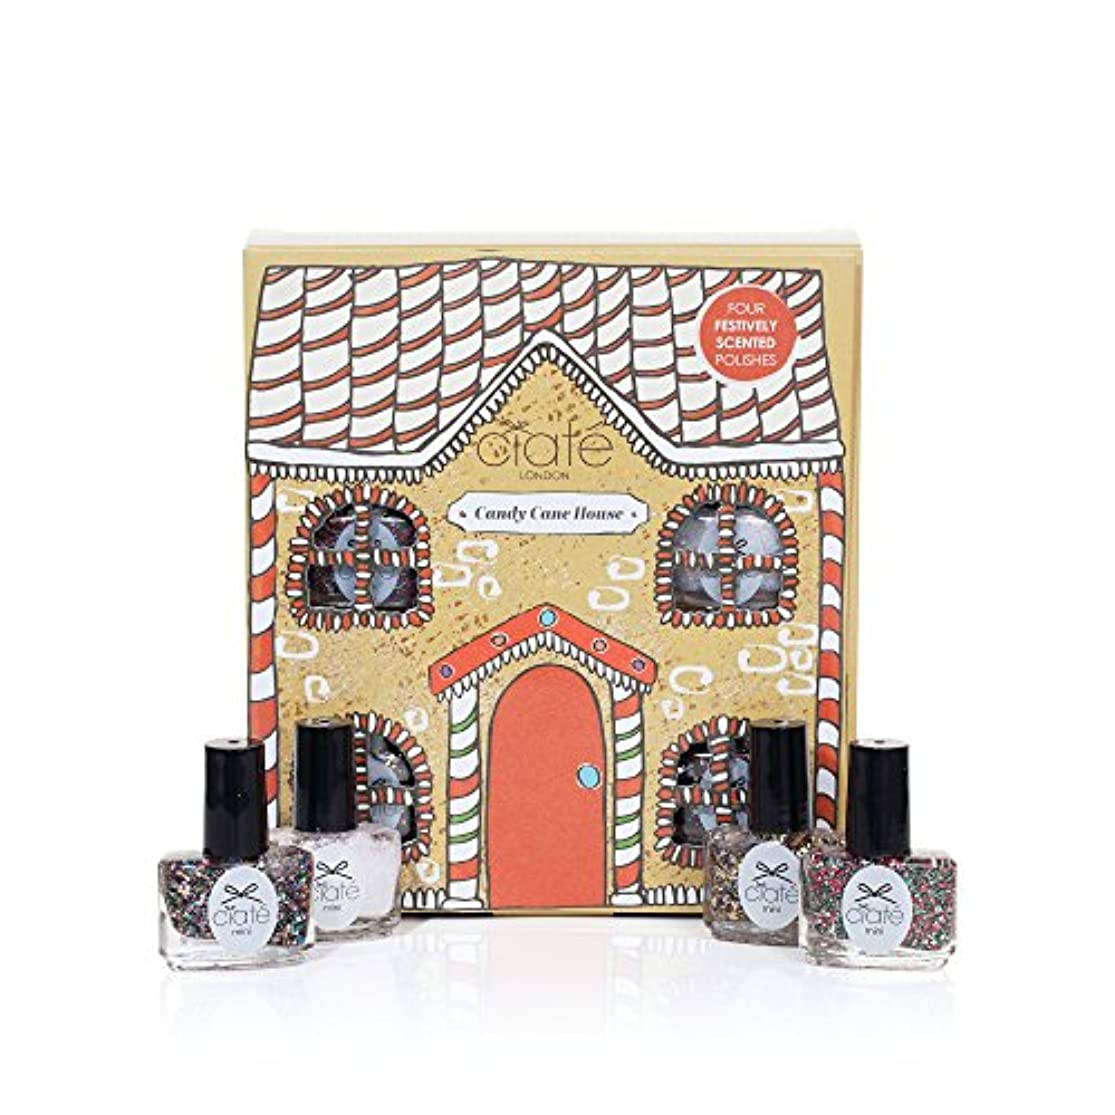 反発する忌まわしい納税者Ciate London シアテロンドン キャンディーケイン ハウス Candy Cane House 香り付き ネイル ポリッシュ 5mL×4本入りセット